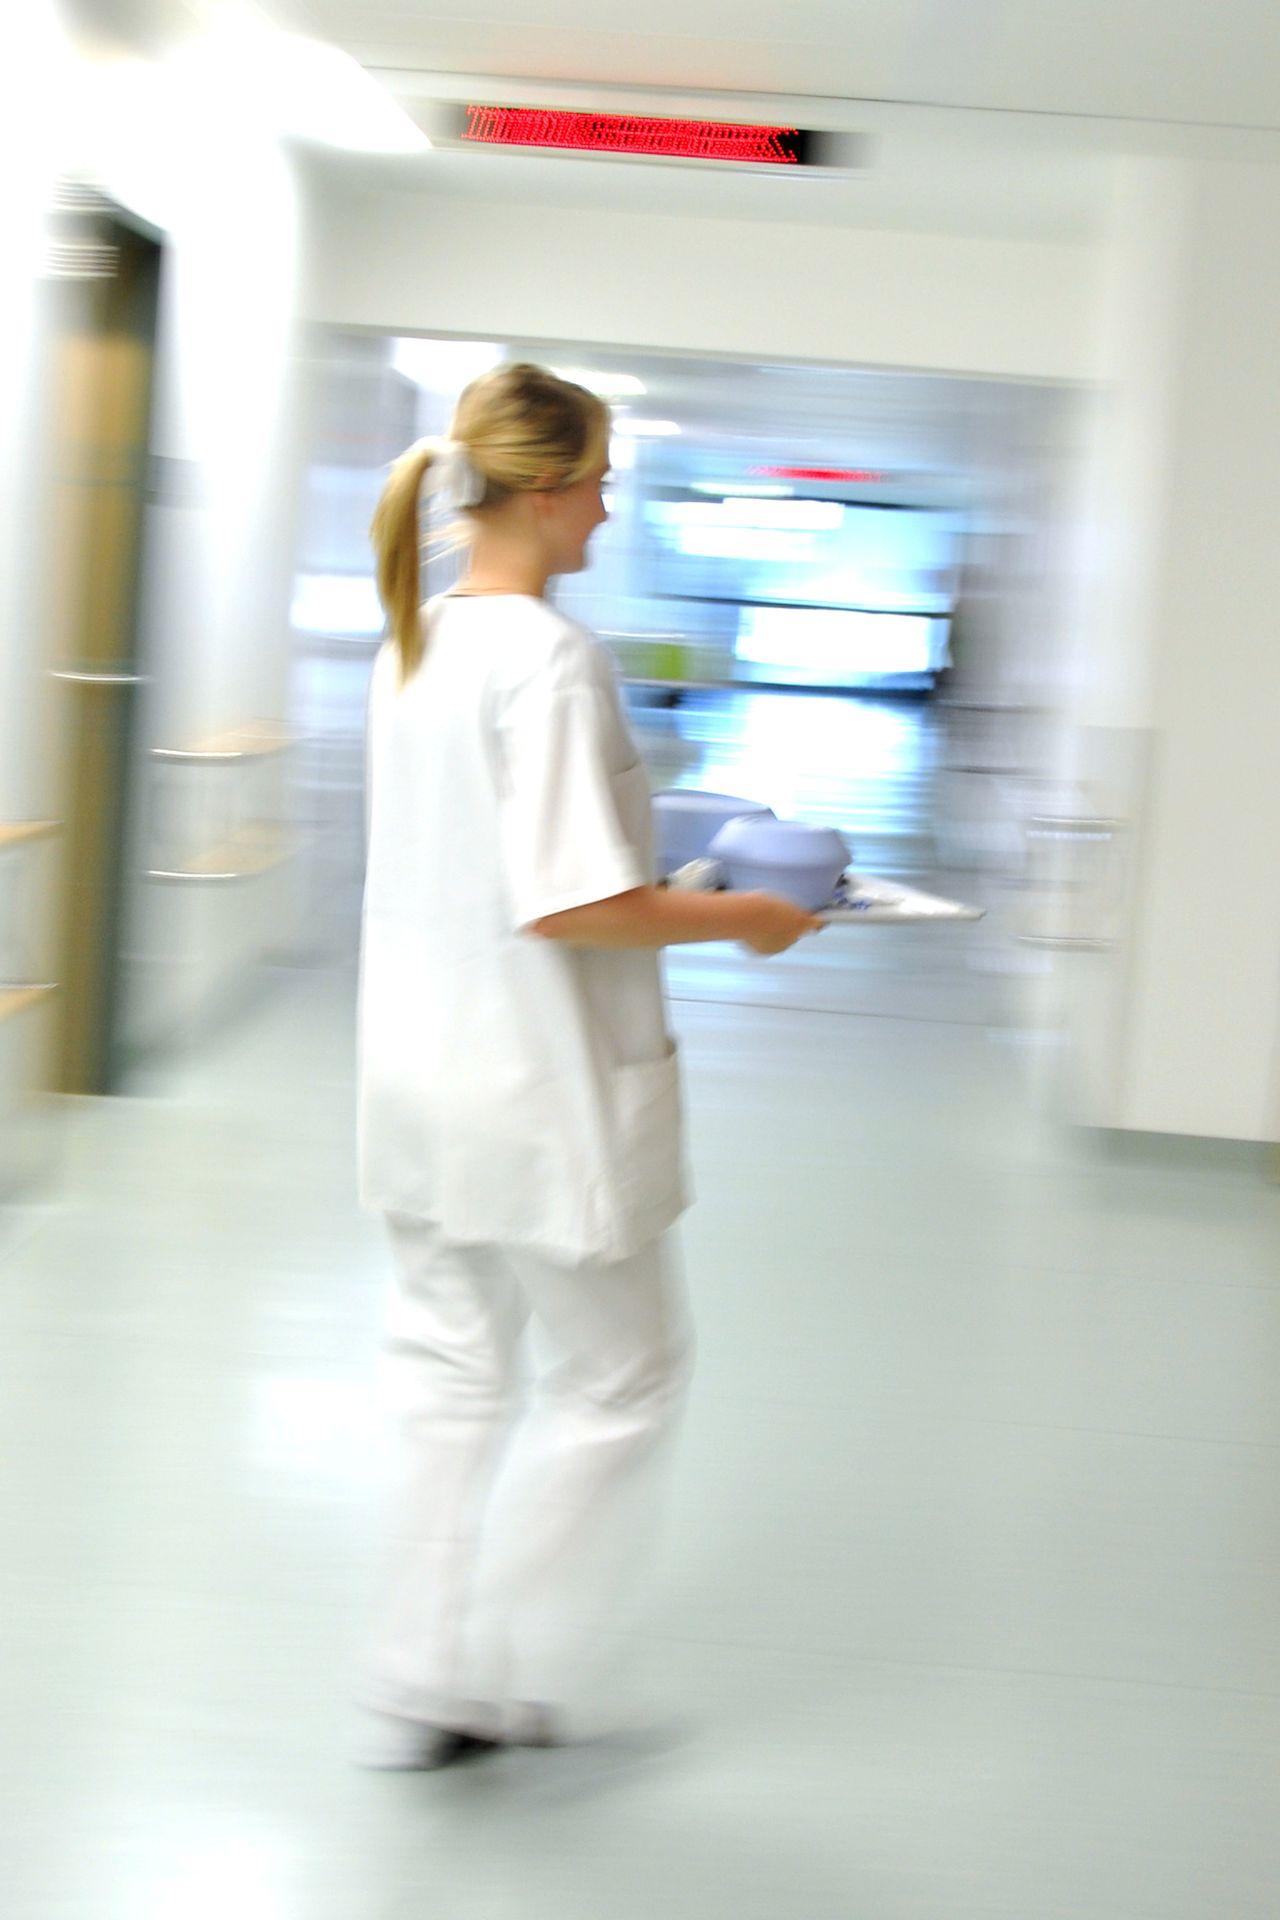 In Deutschland fehlt jeder dritte Krankenpfleger - Krebs-Nachrichten